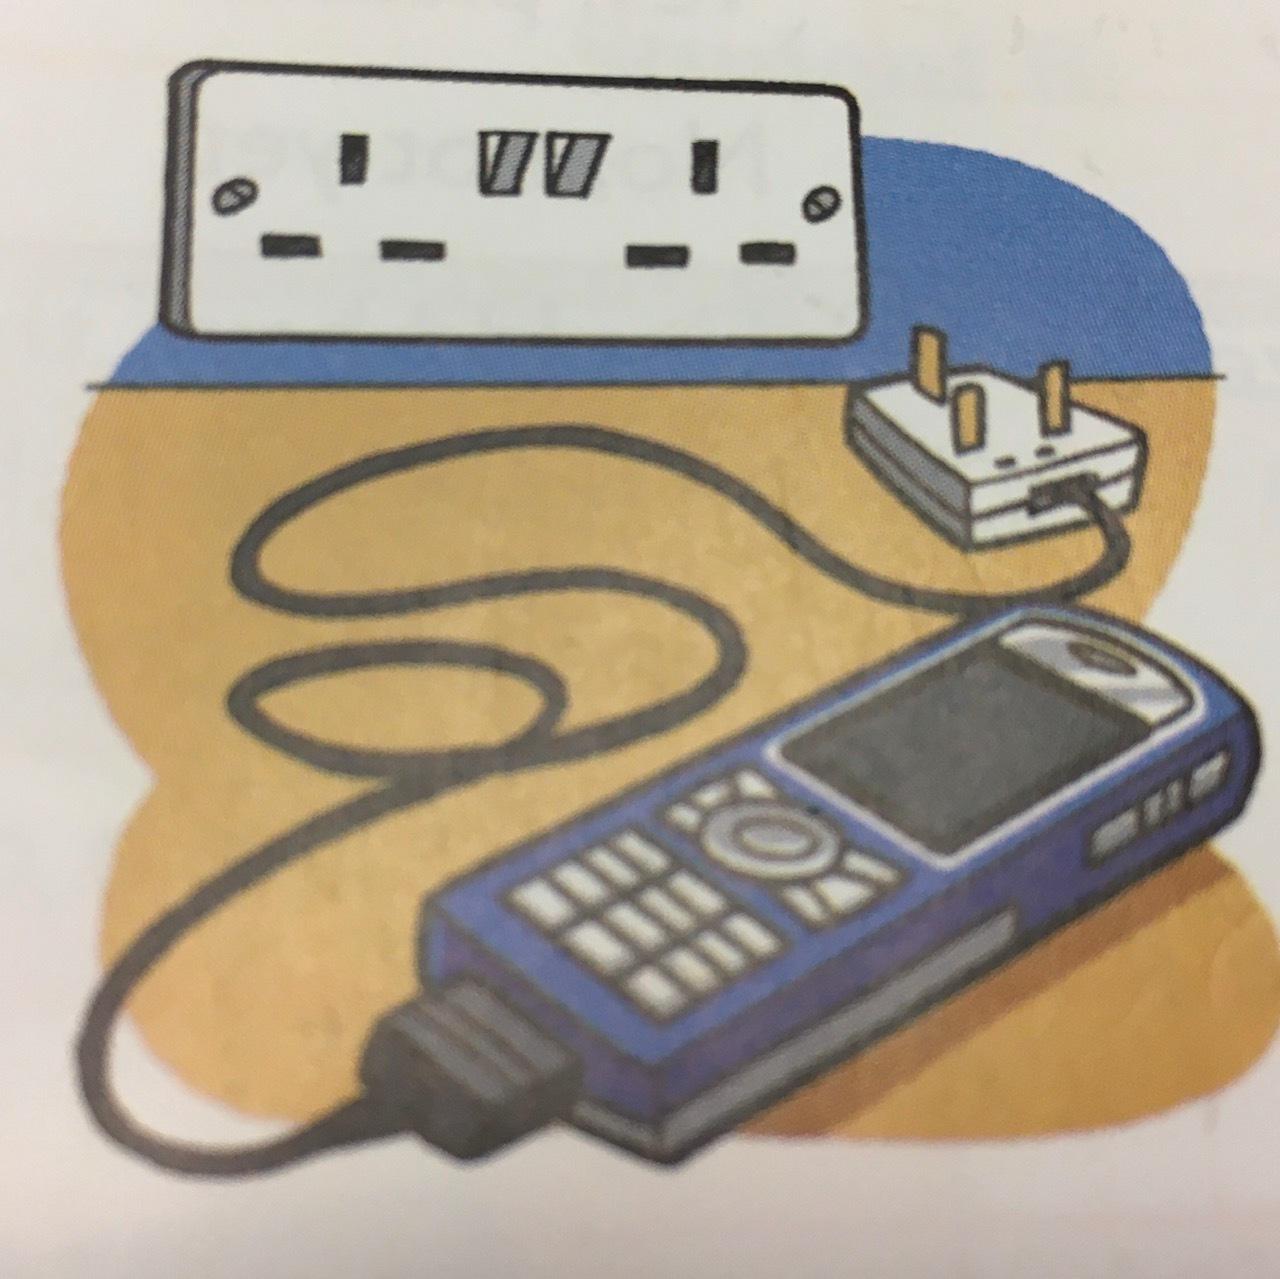 日常英会話「携帯をここで充電してもいいですか」を英語で_b0028312_17145569.jpg